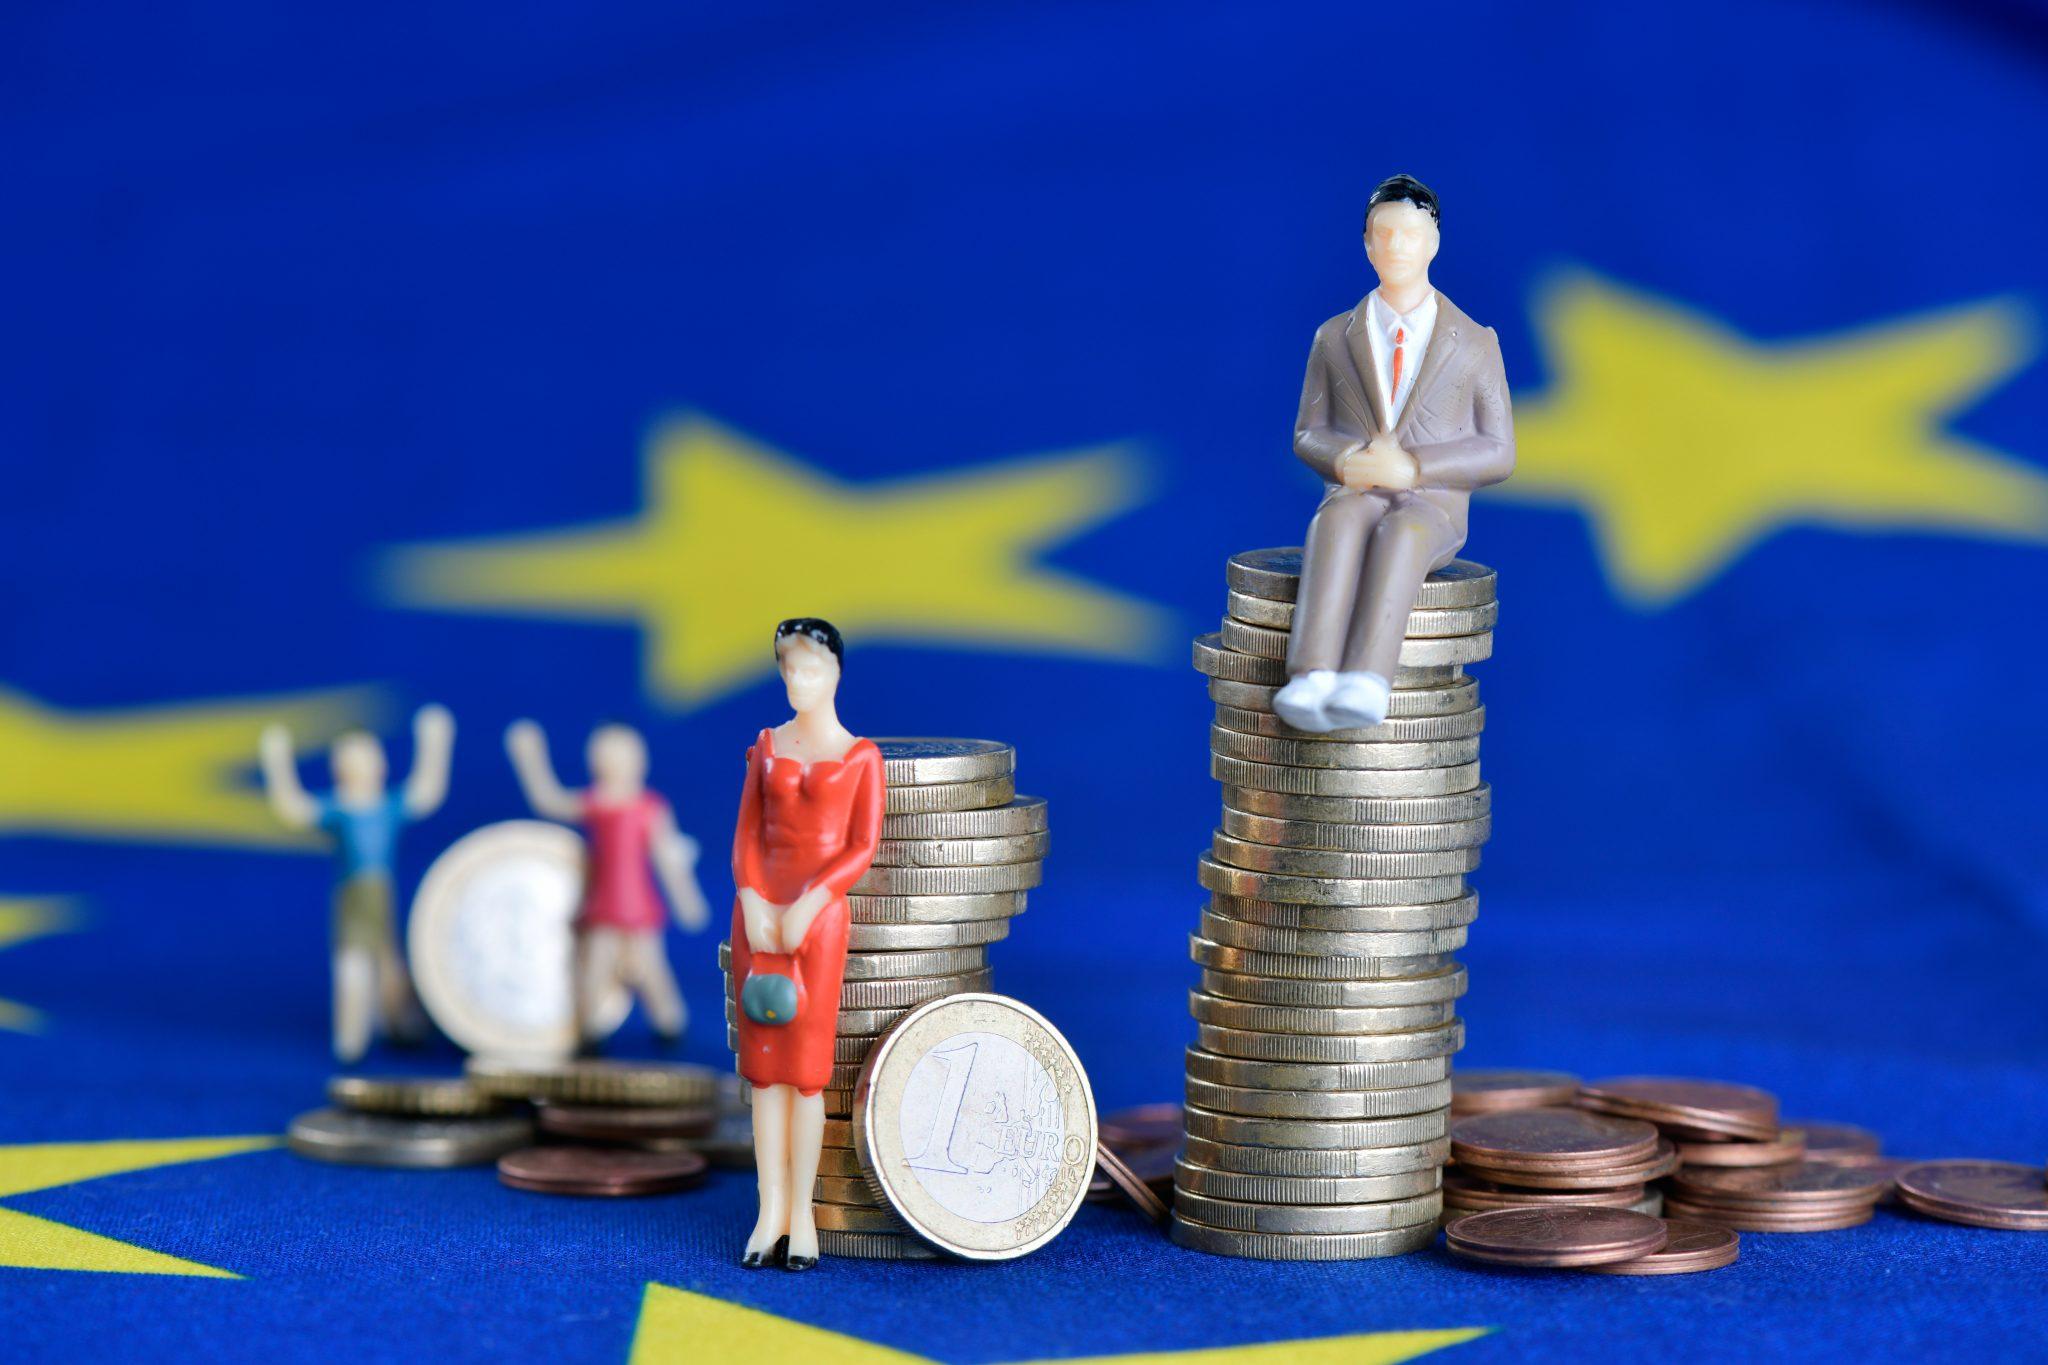 Spielzeugfiguren auf einer Europaflagge. Ein Mann sitzt auf einem hohen Stapel Euro-Münzen, eine Frau steht daneben mit einem nur halb so hohen Stapel Münzen.